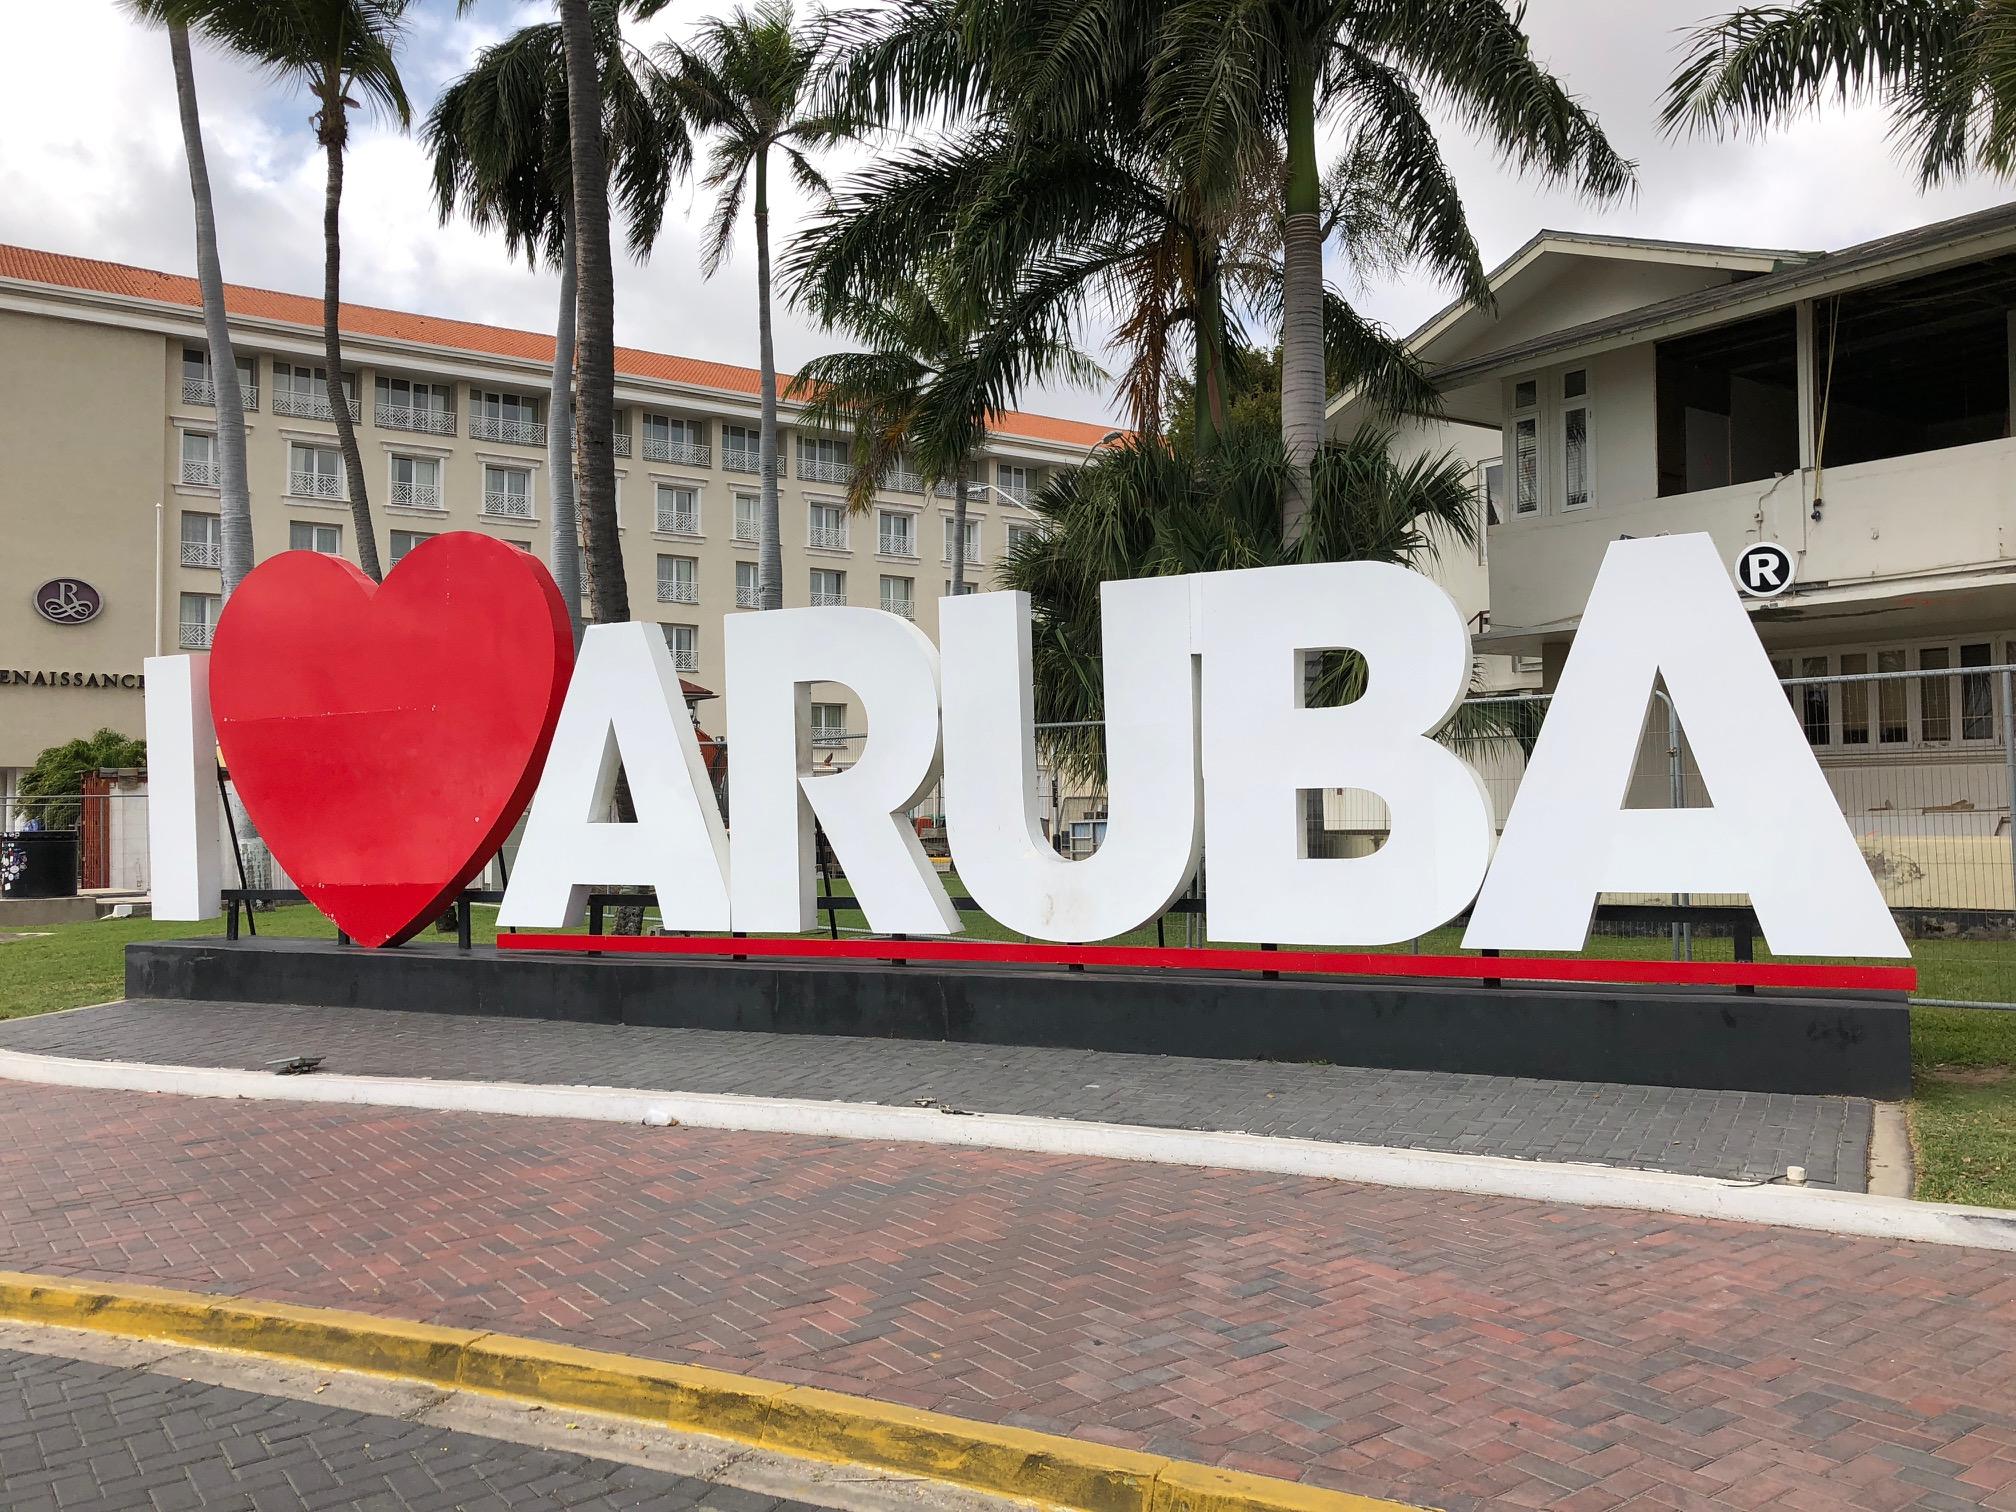 Auf Aruba gibt es zwei Mobilfunknetze